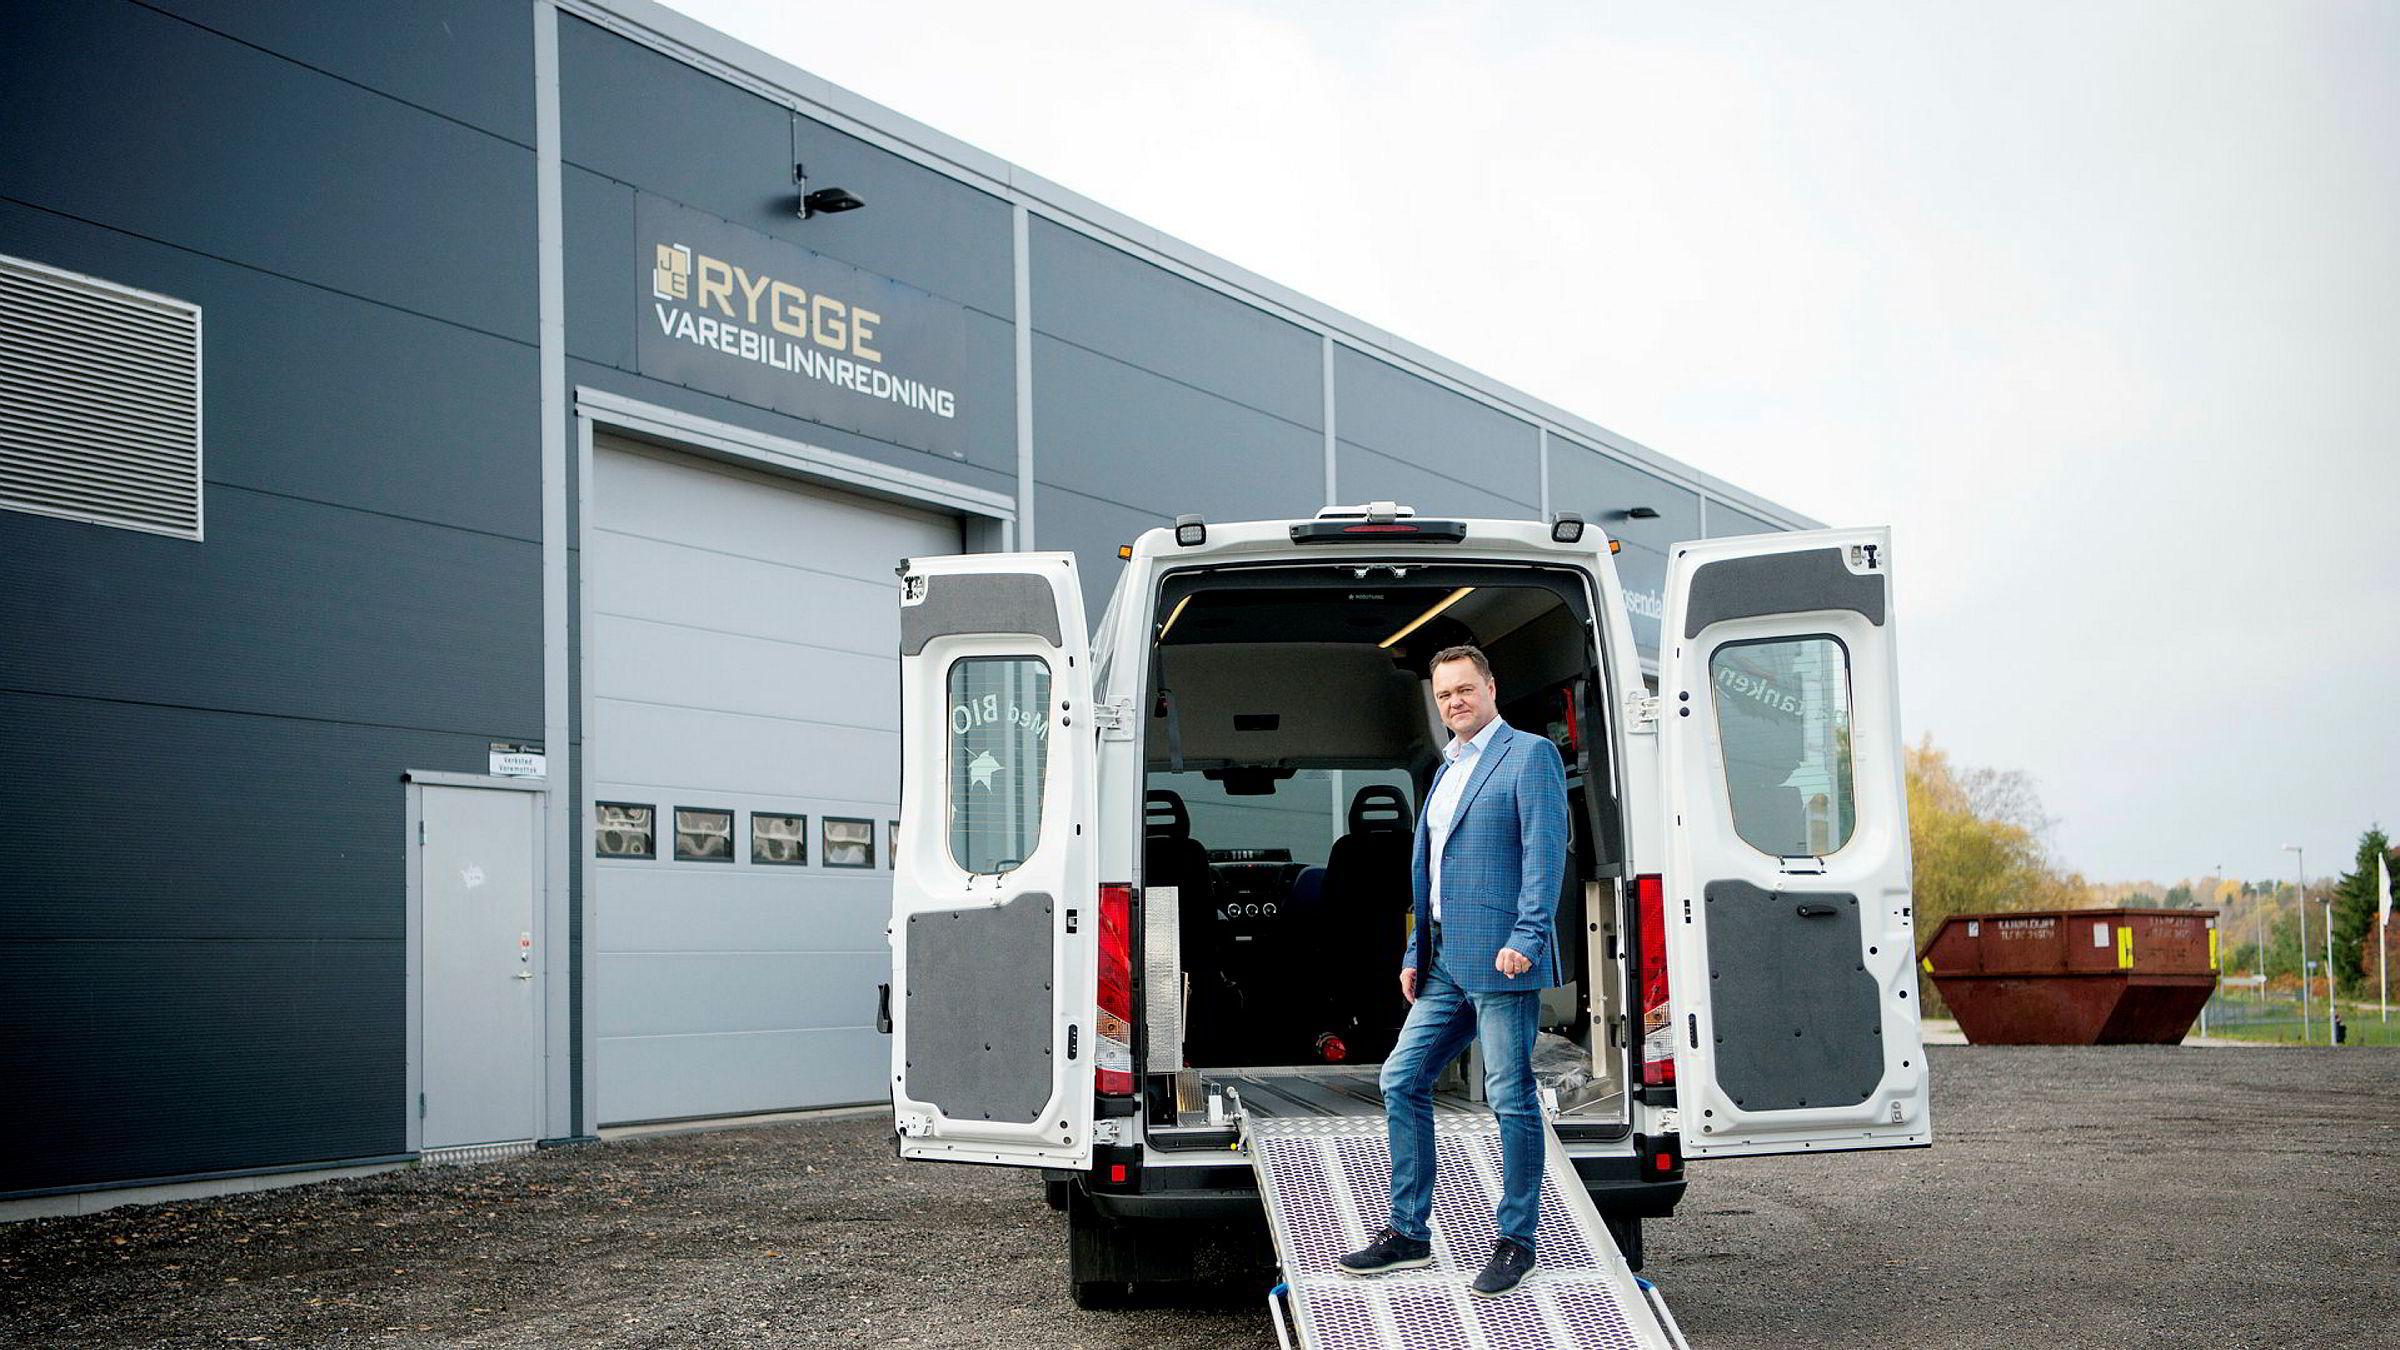 – Vi har hittil i år levert innredning av 53 minibusser til Oslo Taxibuss, sier daglig leder og eier Jan-Erik Jensen i Rygge Varebilinnredning. Selskapet er gasellevinner i Østfold.